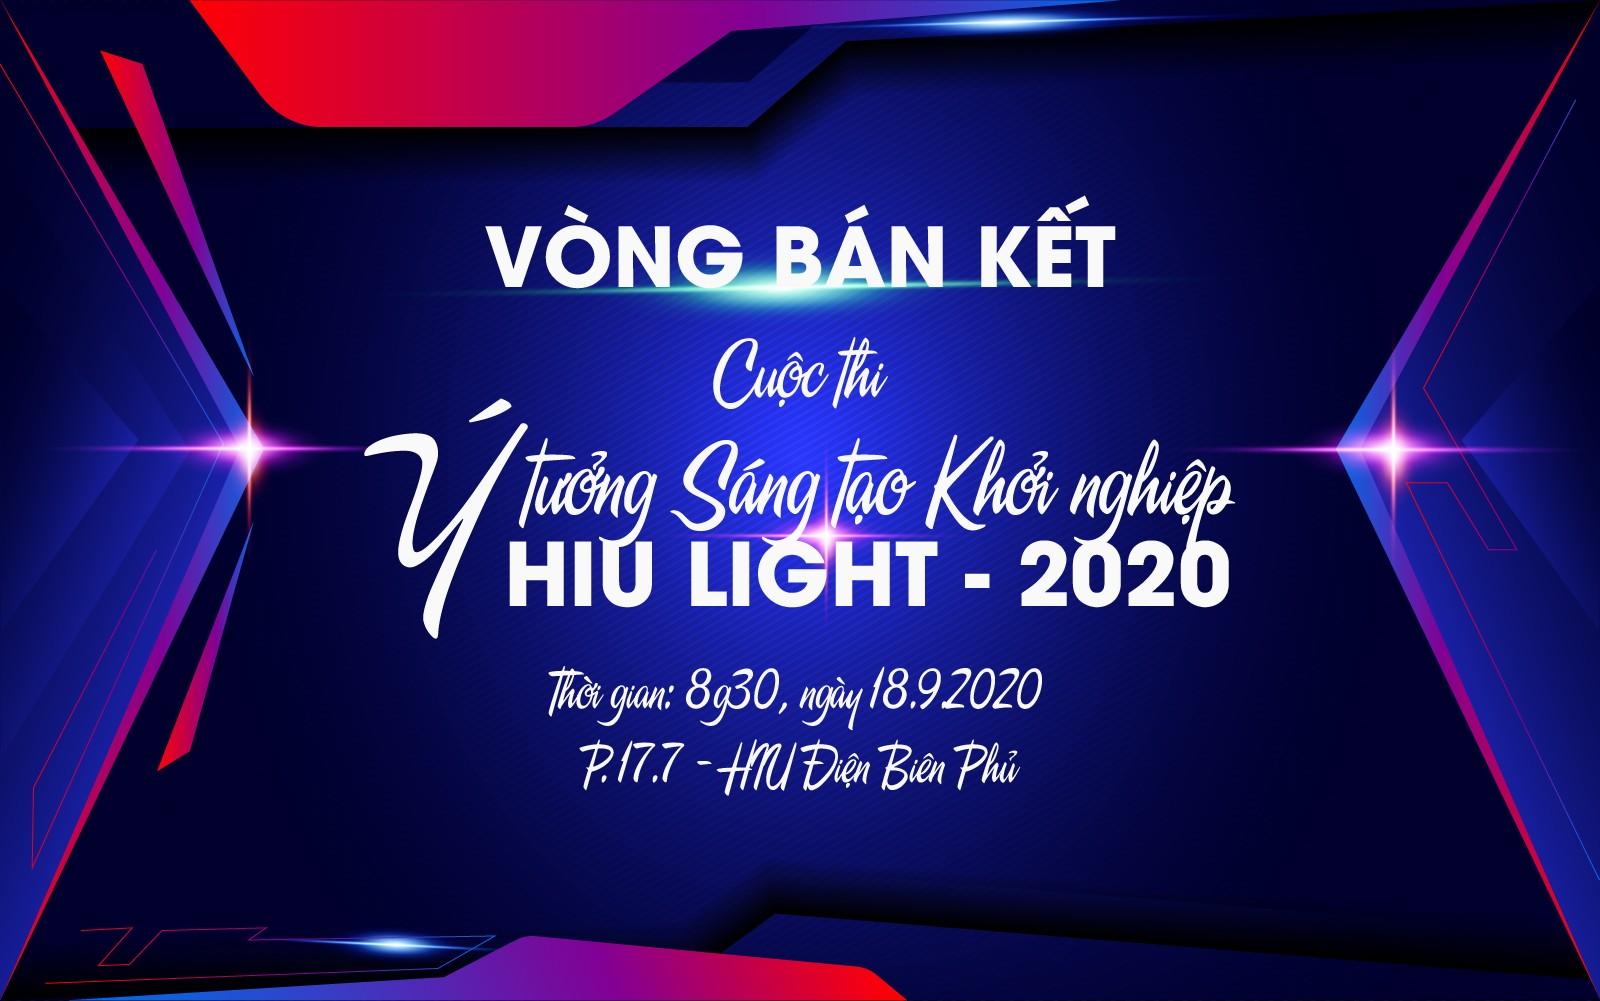 Teaser Bán kết cuộc thi ý tưởng sáng tạo Khởi nghiệp HIU Light 2020